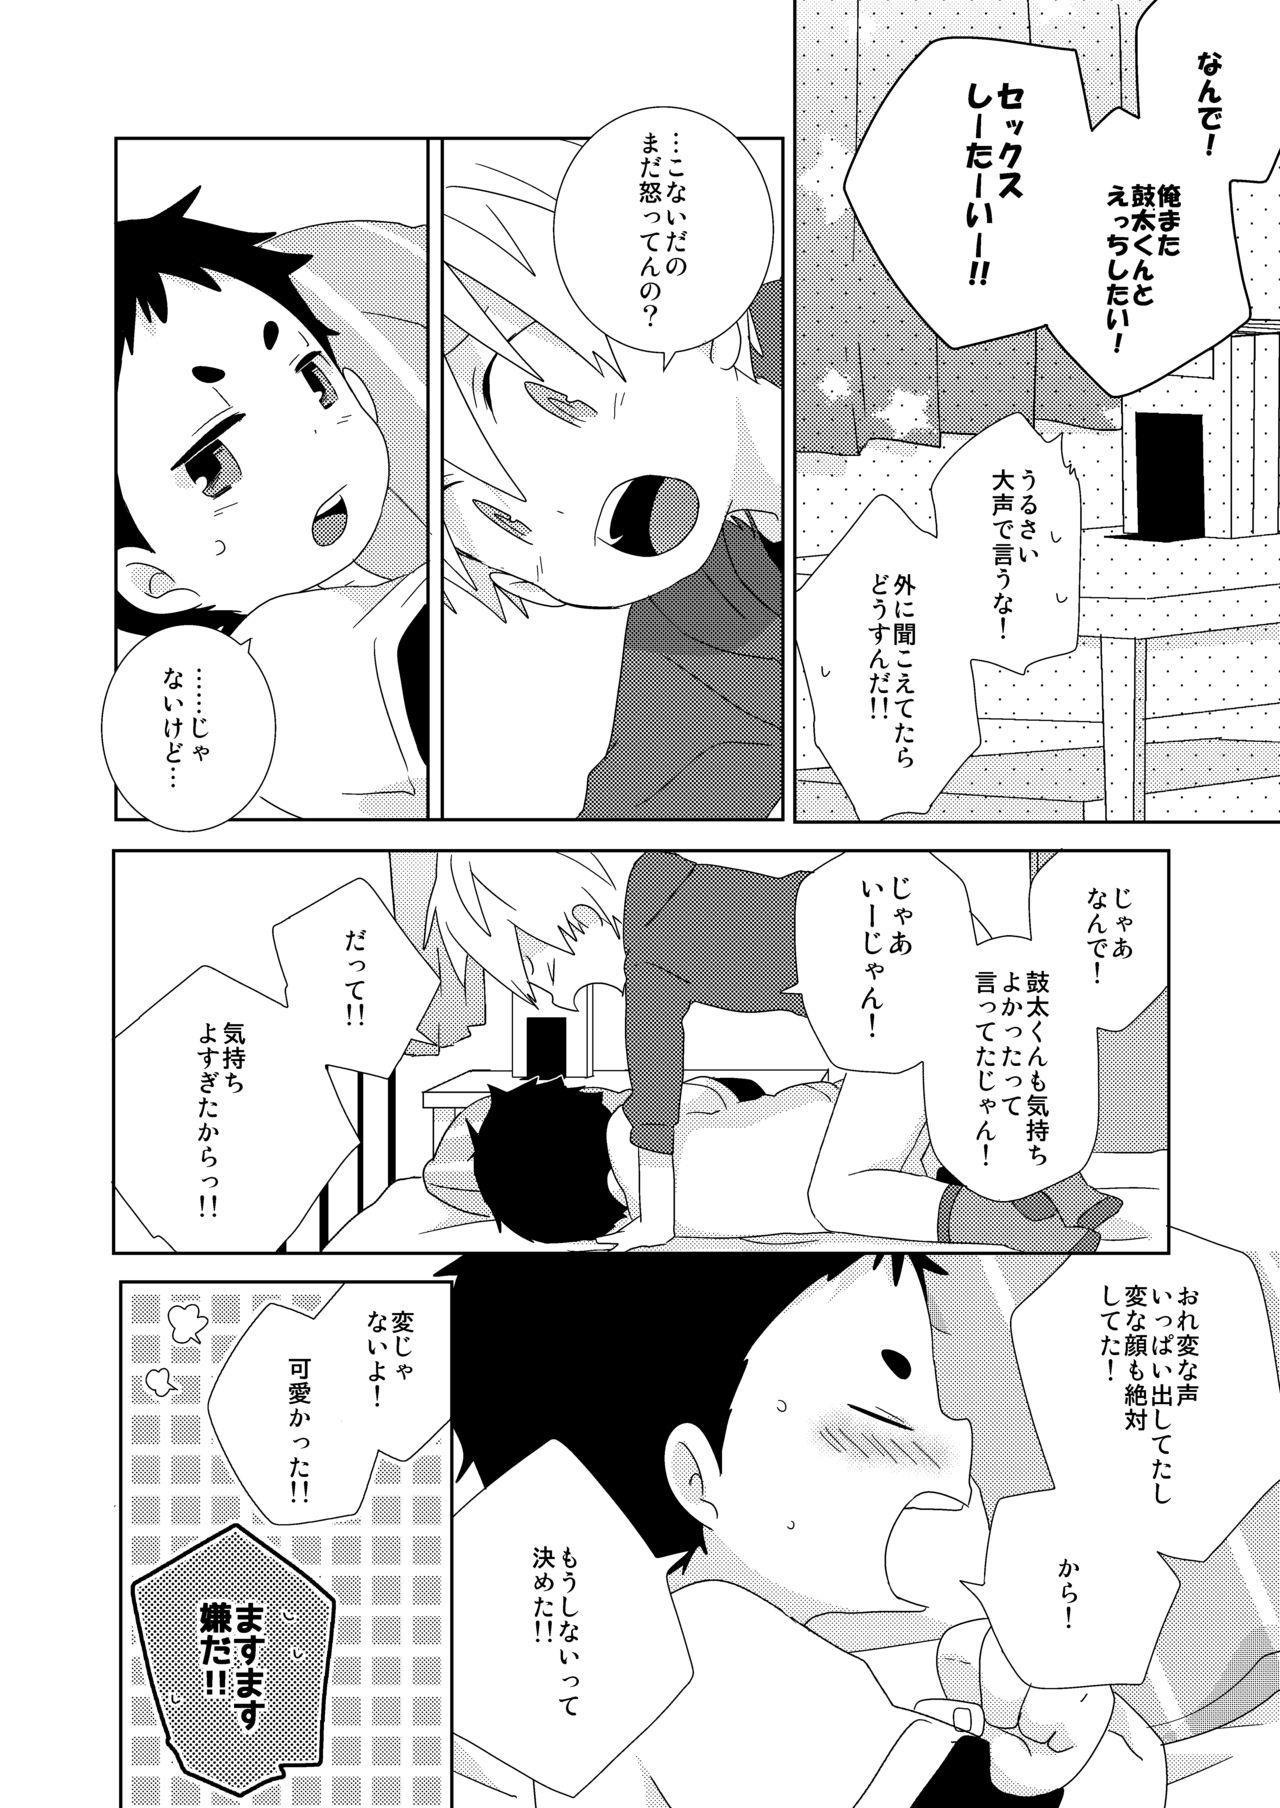 Kota-kun Ecchi Shiyo! 14